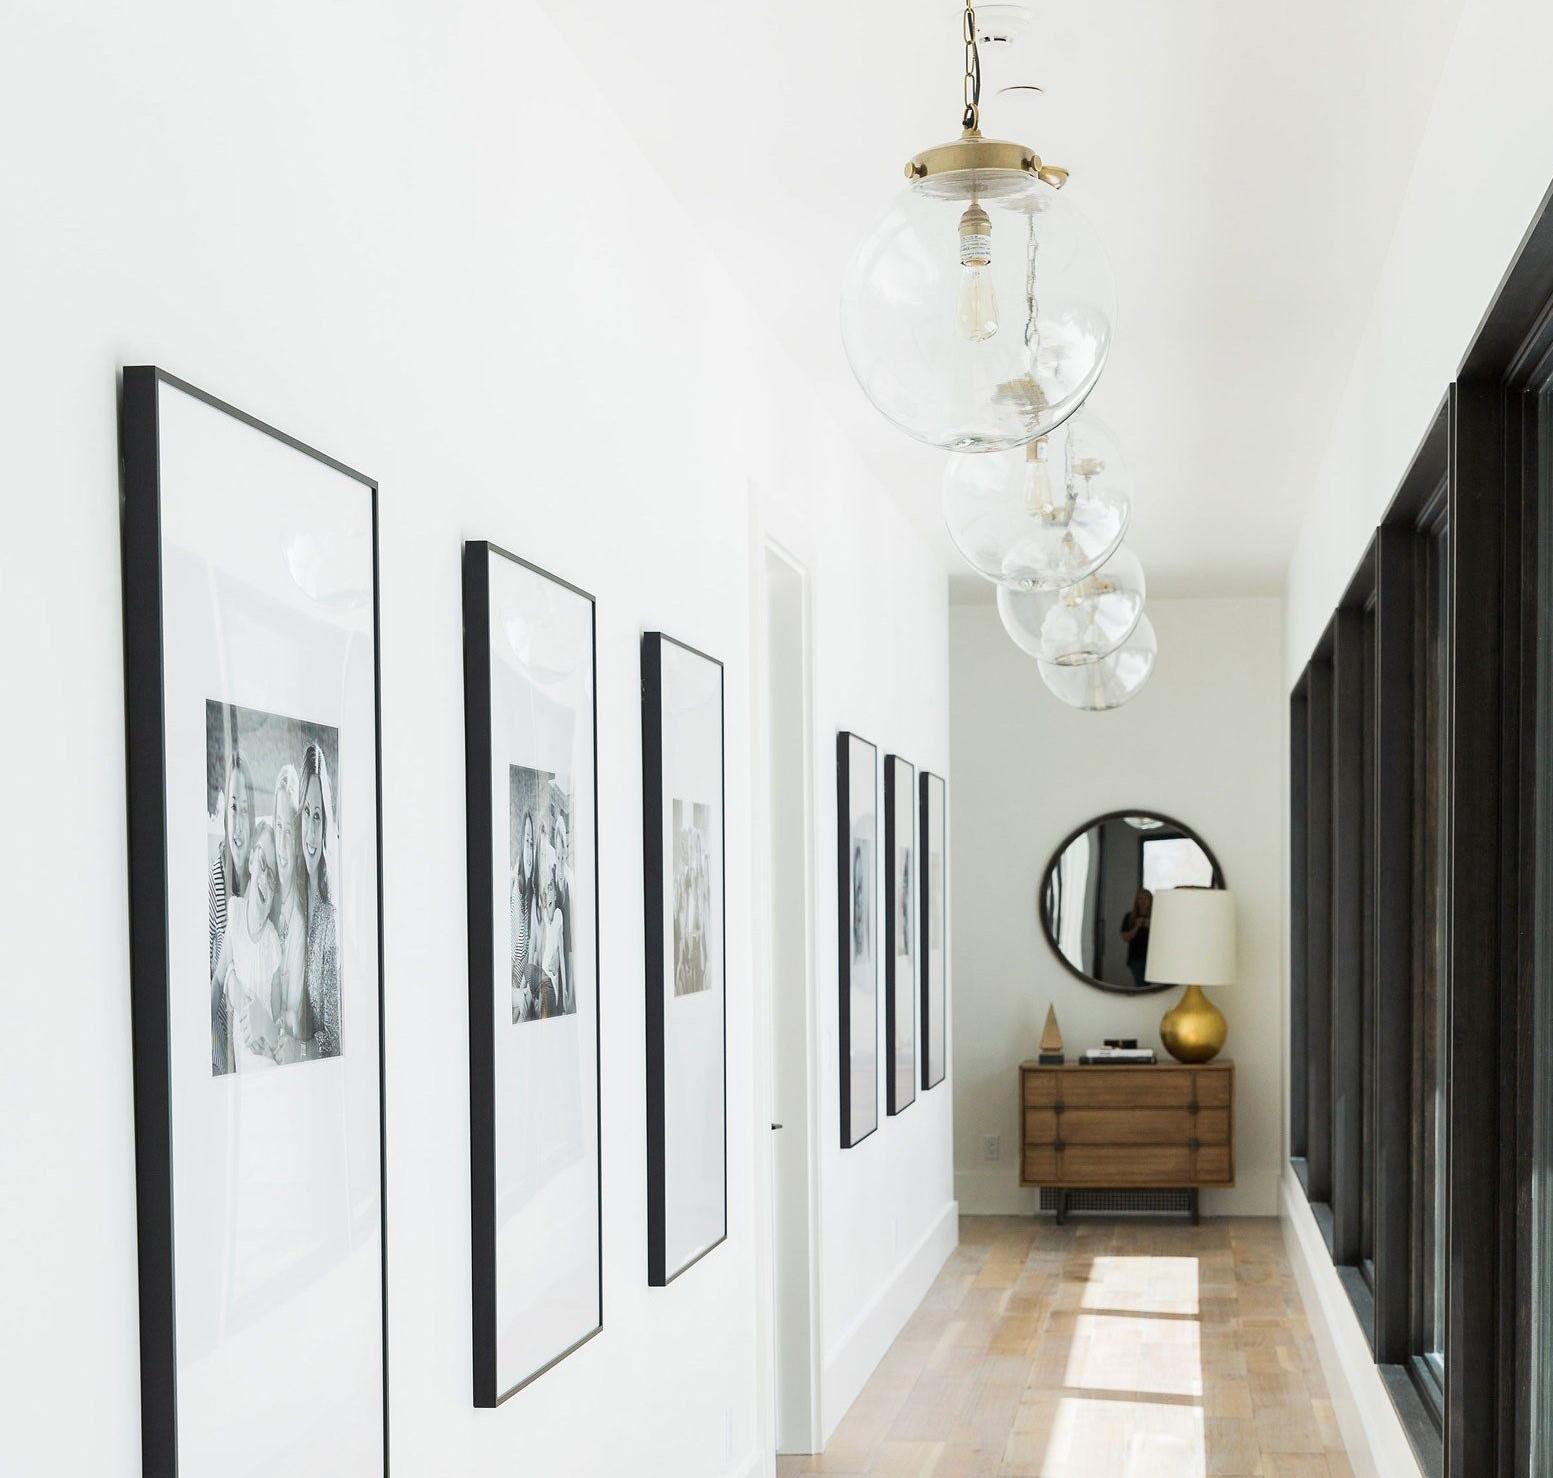 Couloir blanc avec arts visuels